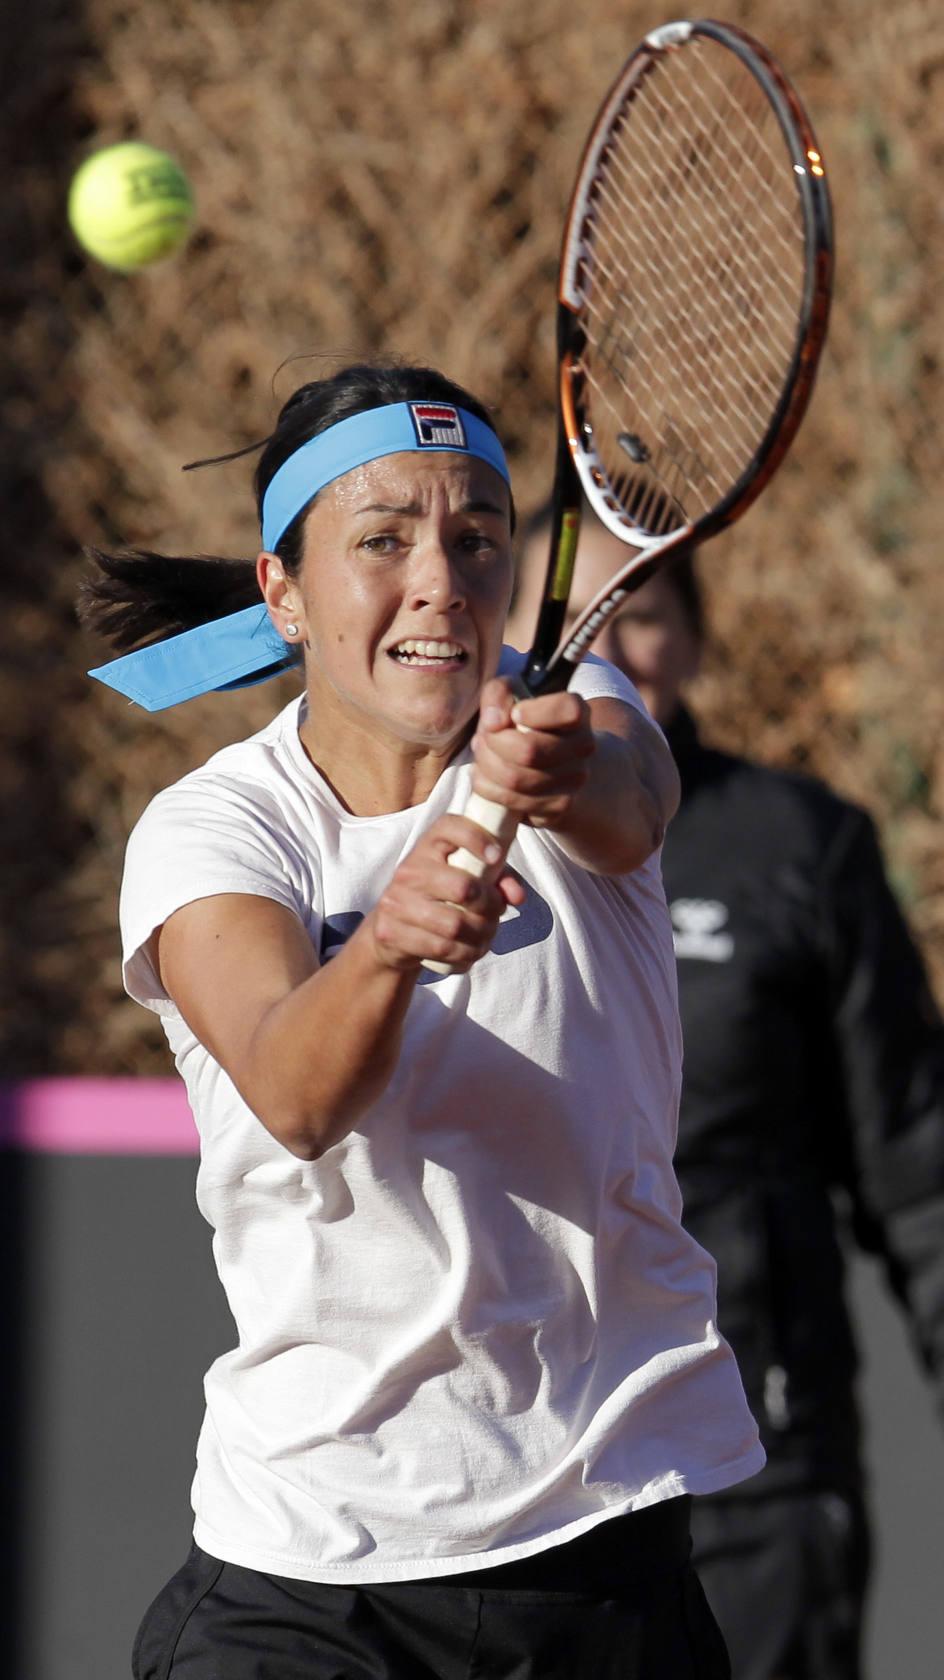 El Equipo Español de Tenis Femenino entrena en Alicante